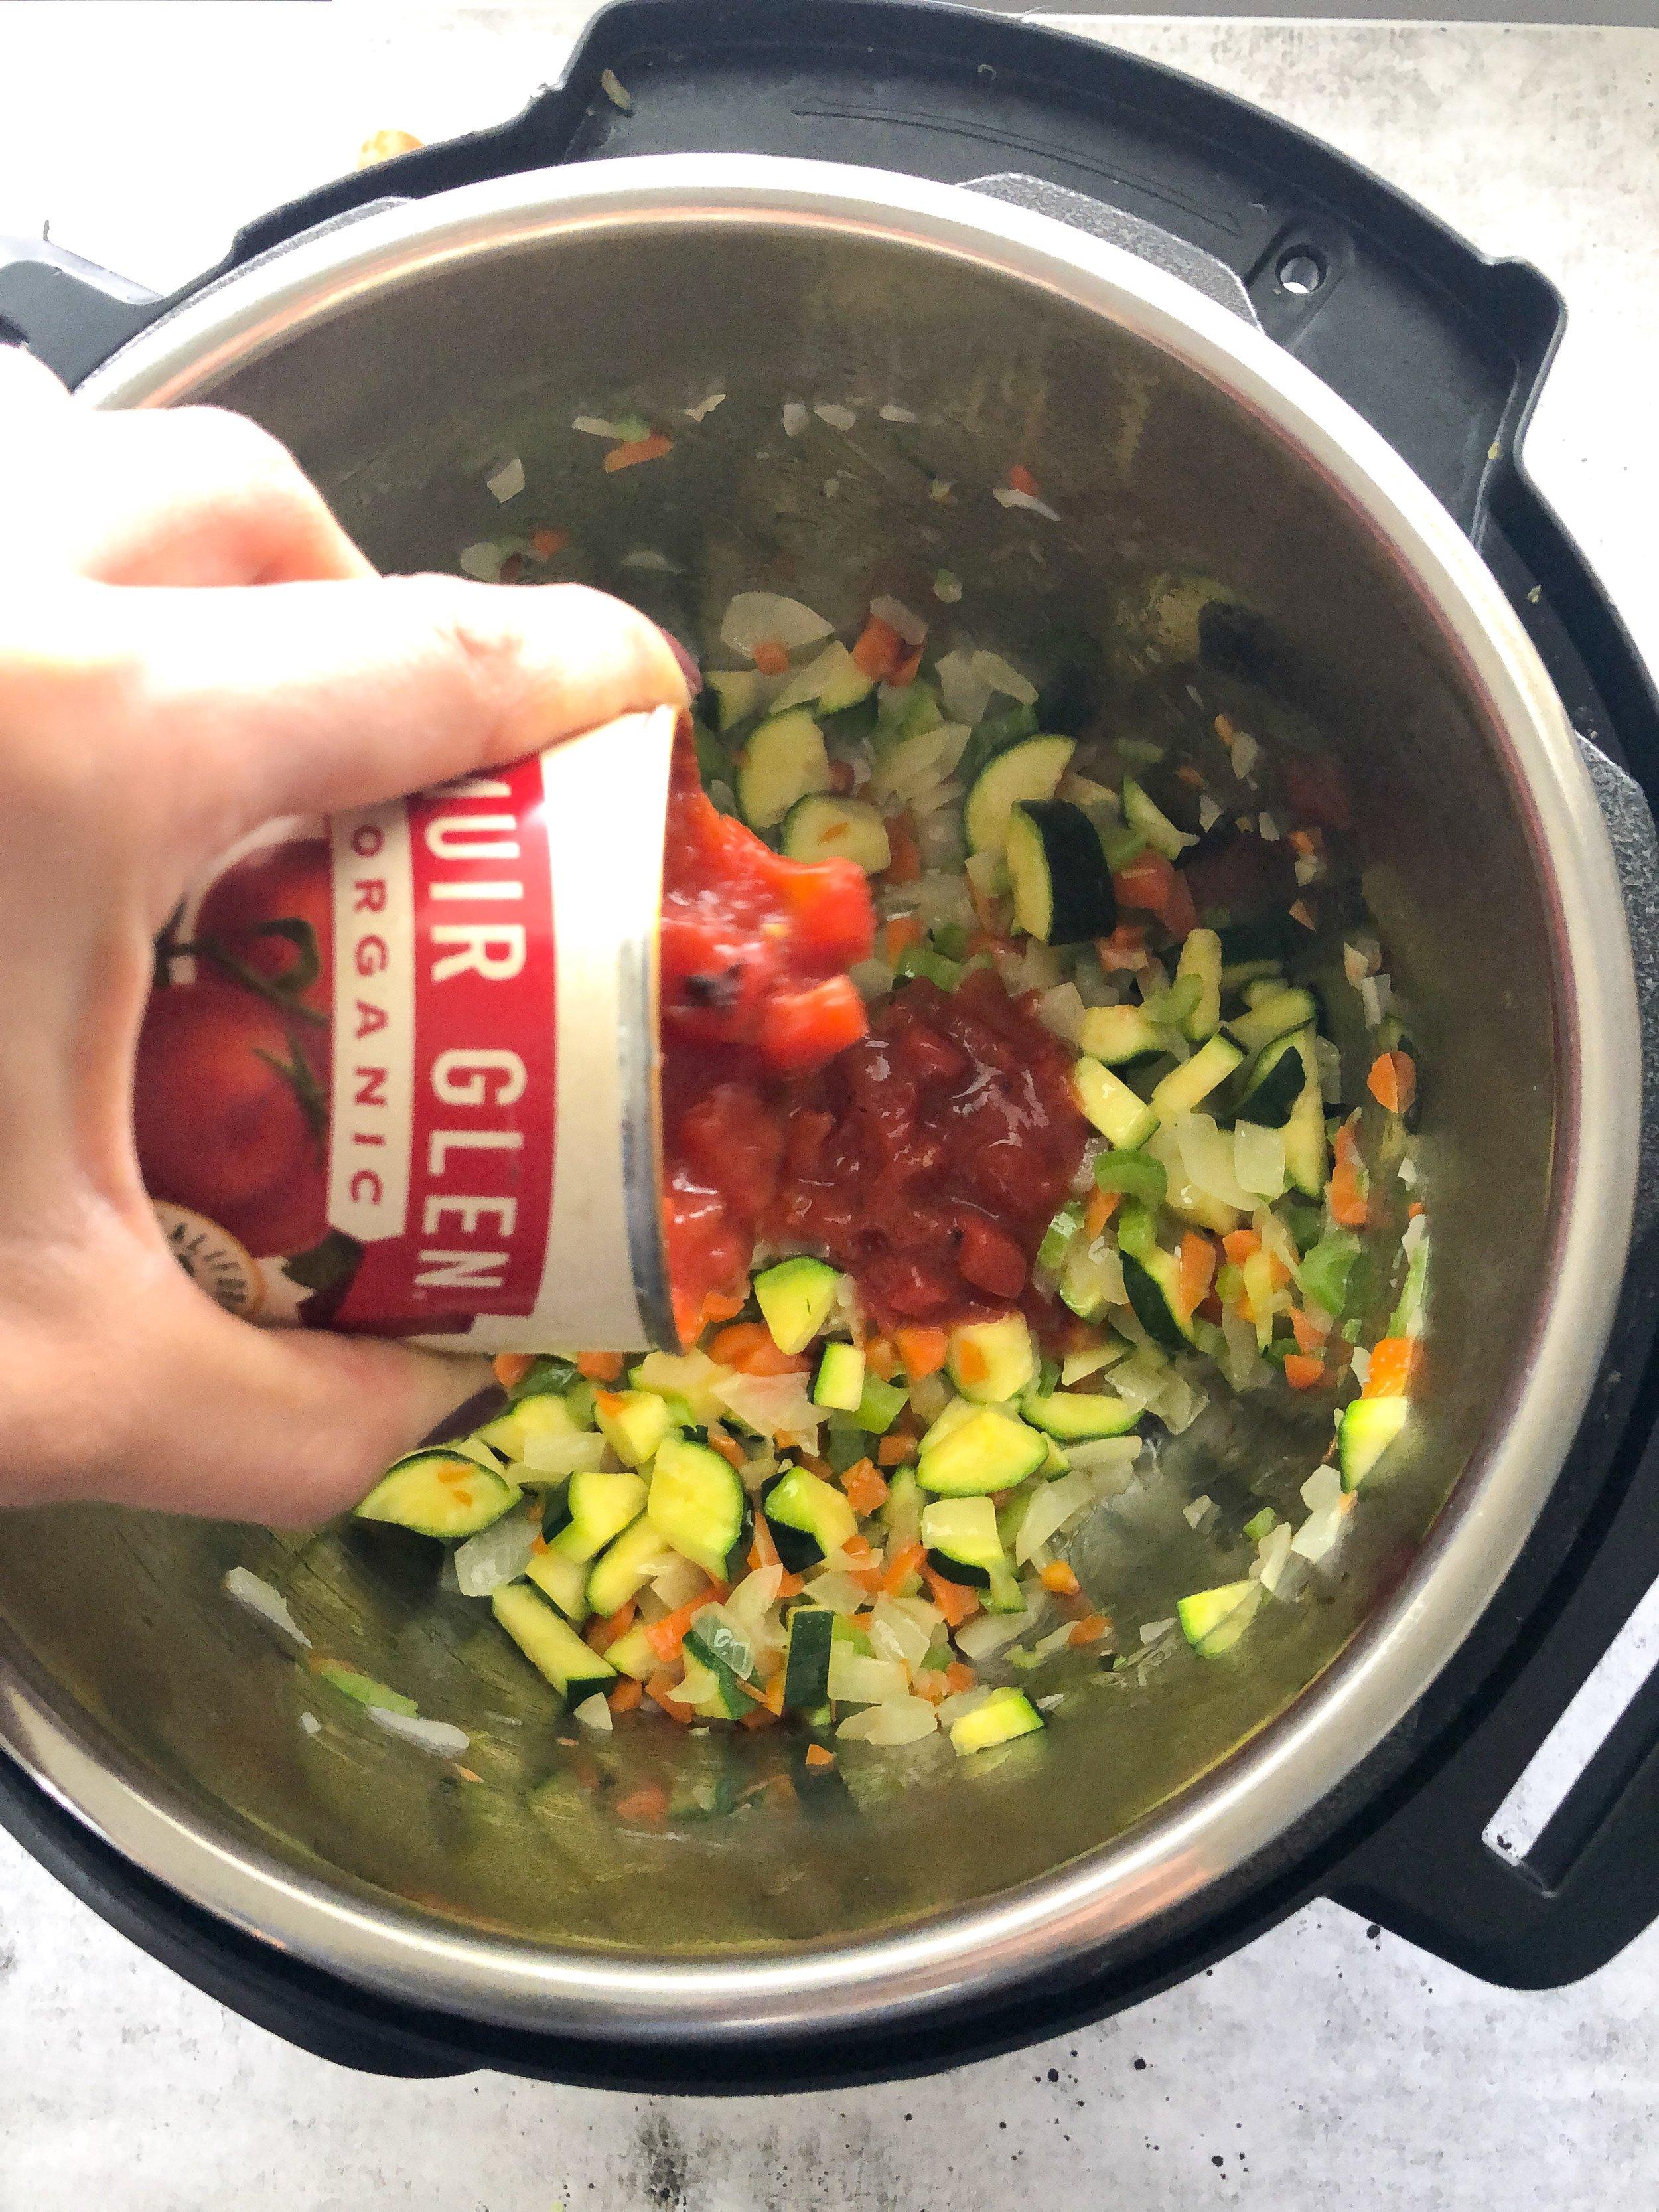 Veggie Tomato Soup Meal Prep, Instant Pot Meal Prep